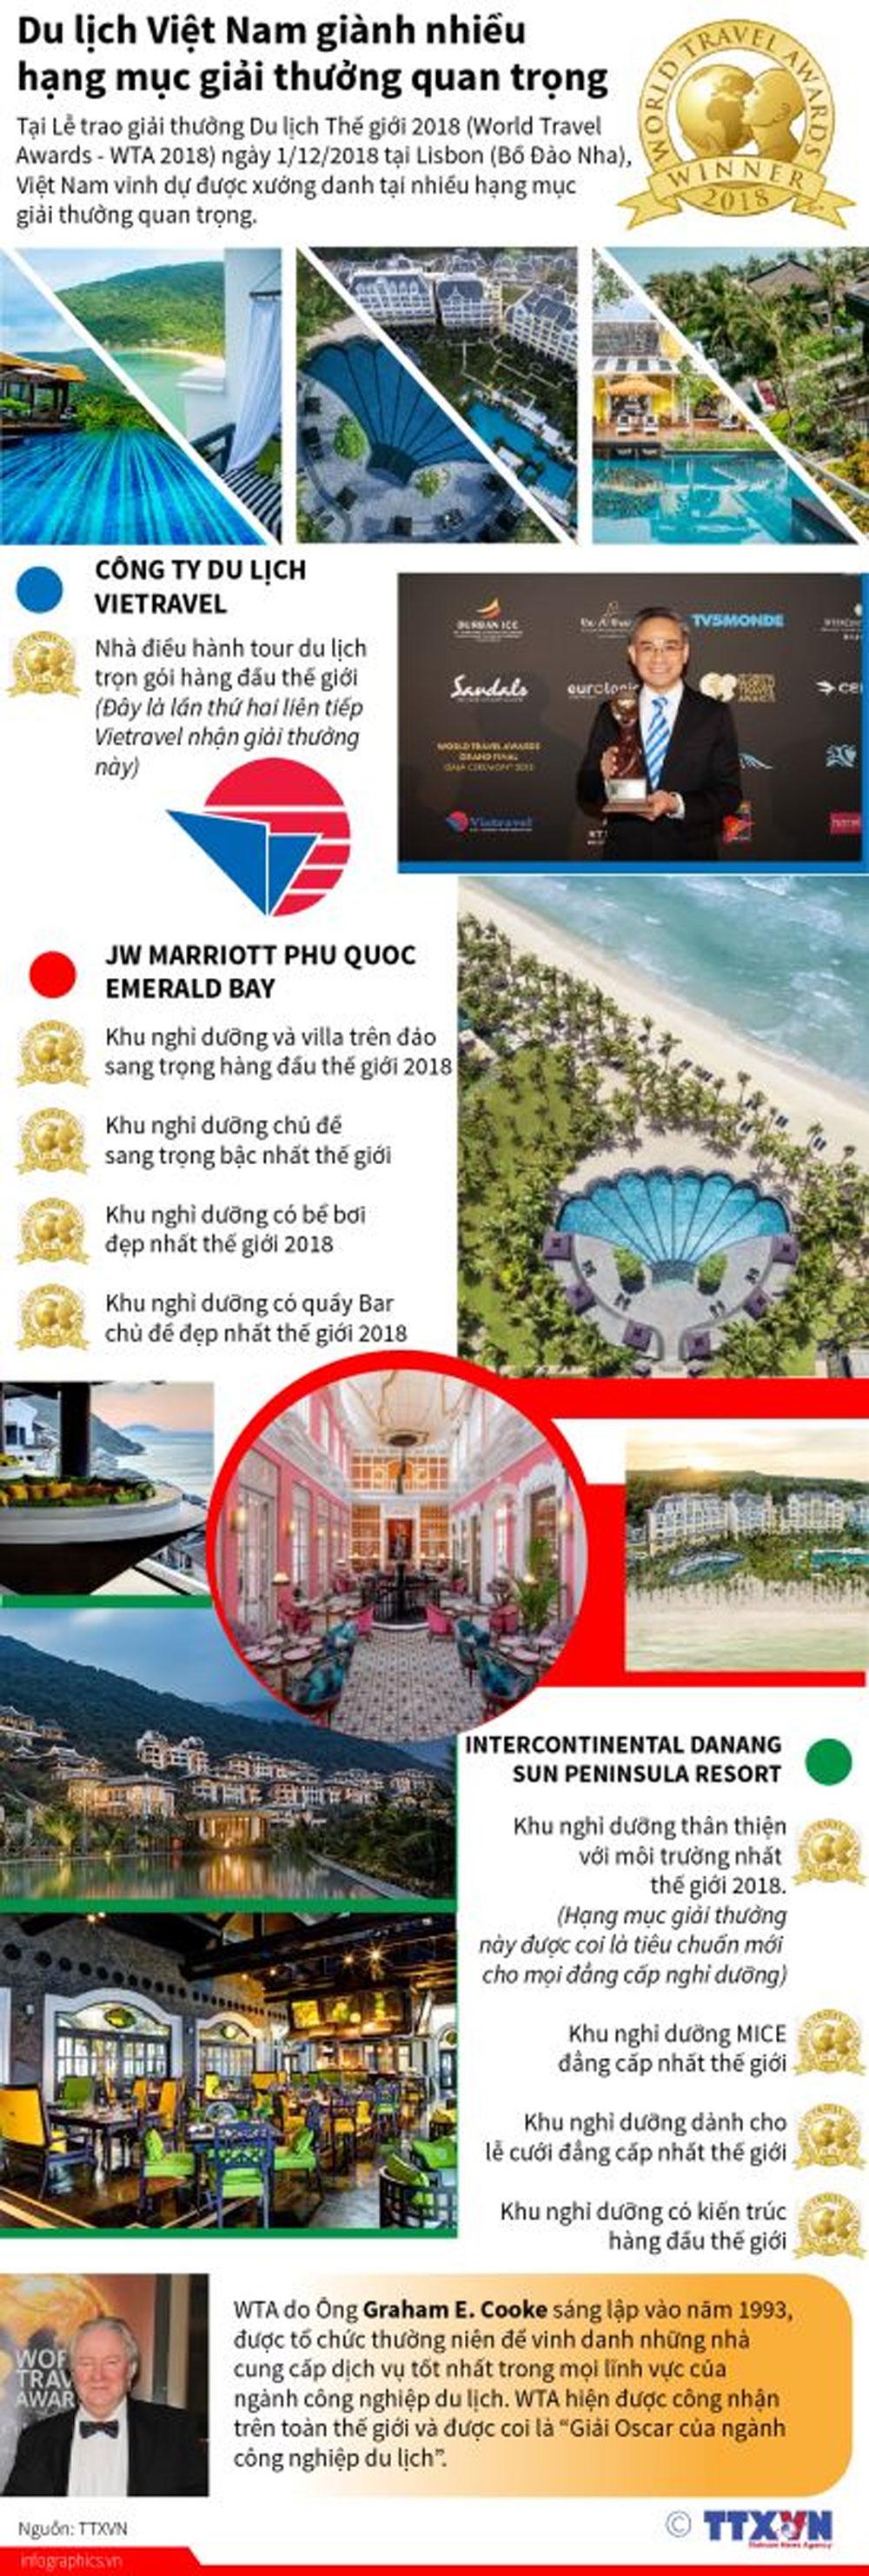 Du lịch Việt Nam, hạng mục,  giải thưởng quan trọng, Du lịch Thế giới 2018, World Travel Awards